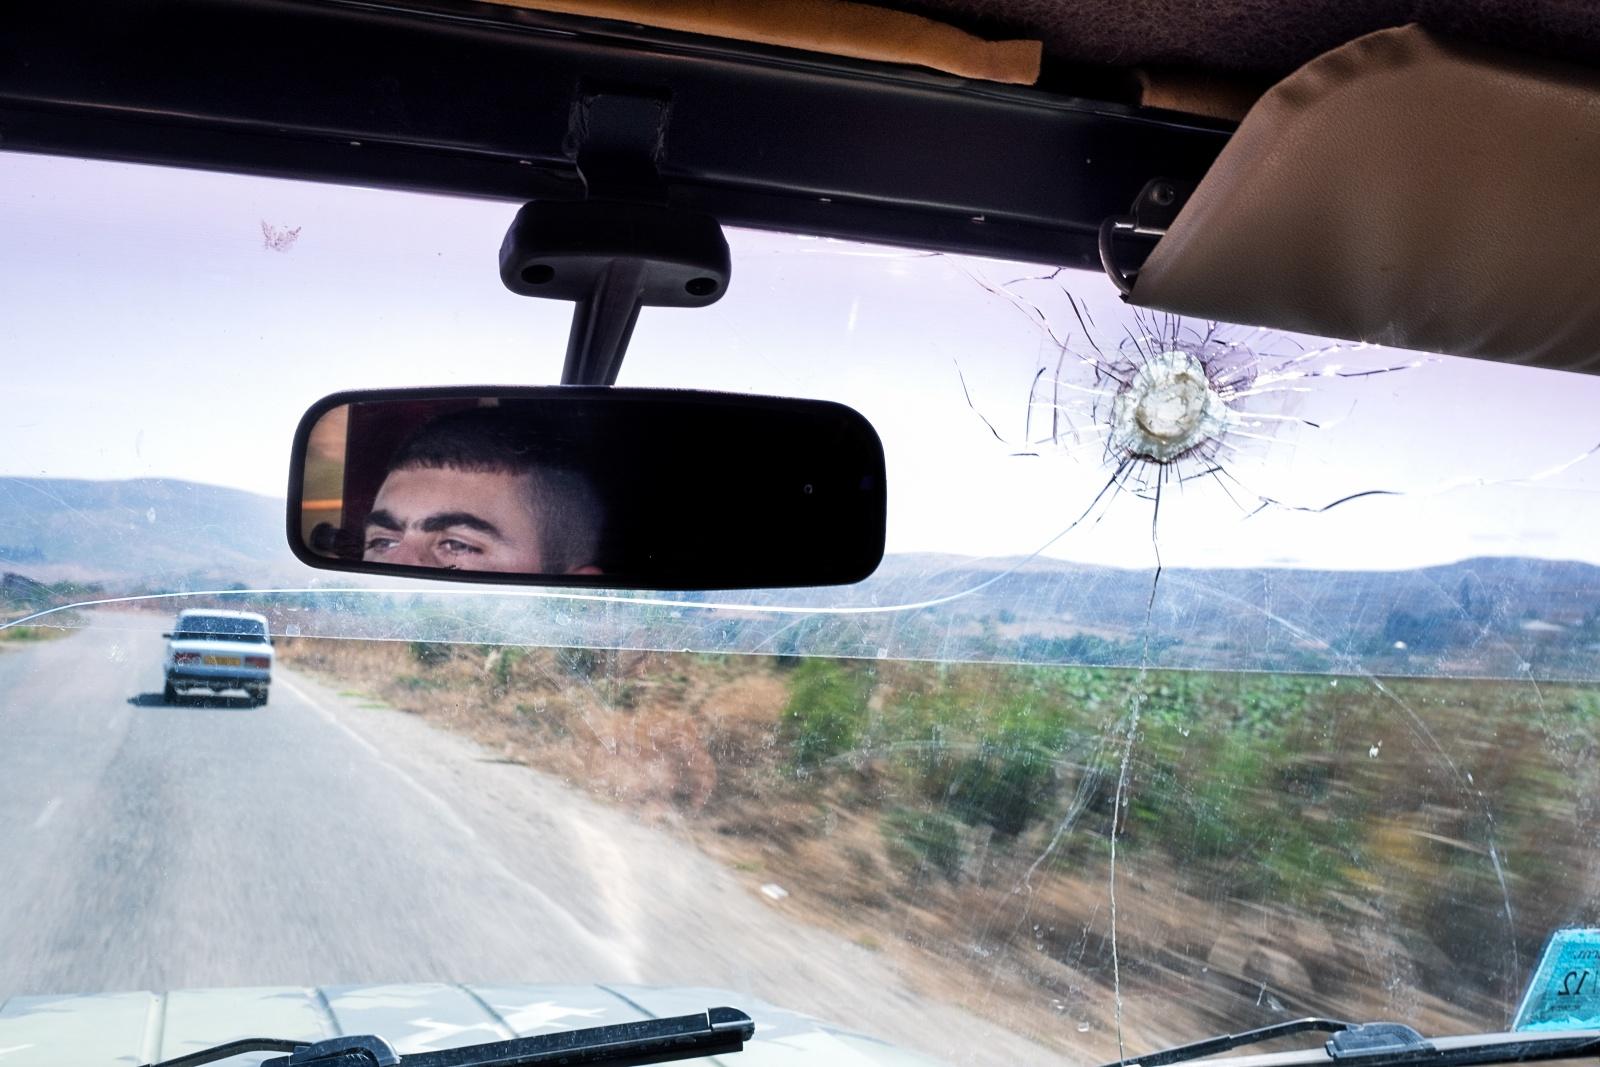 SOTTO TIRO Martakert (Repubblica dell'Artsakh) settembre 2015 - Sotto il fuoco azero lungo la linea di contatto di Martakert, città liberata dagli armeni il 27 giugno 1993, un anno dopo l'inizio della Prima Guerra del Karabakh. Il conflitto per l'indipendenza della Repubblica dell'Artsakh (così è stato ribattezzato il Karabakh nel 2017) in due anni ha causato complessivamente 30.000 morti, quasi 100.000 feriti e oltre un milione di sfollati interni.